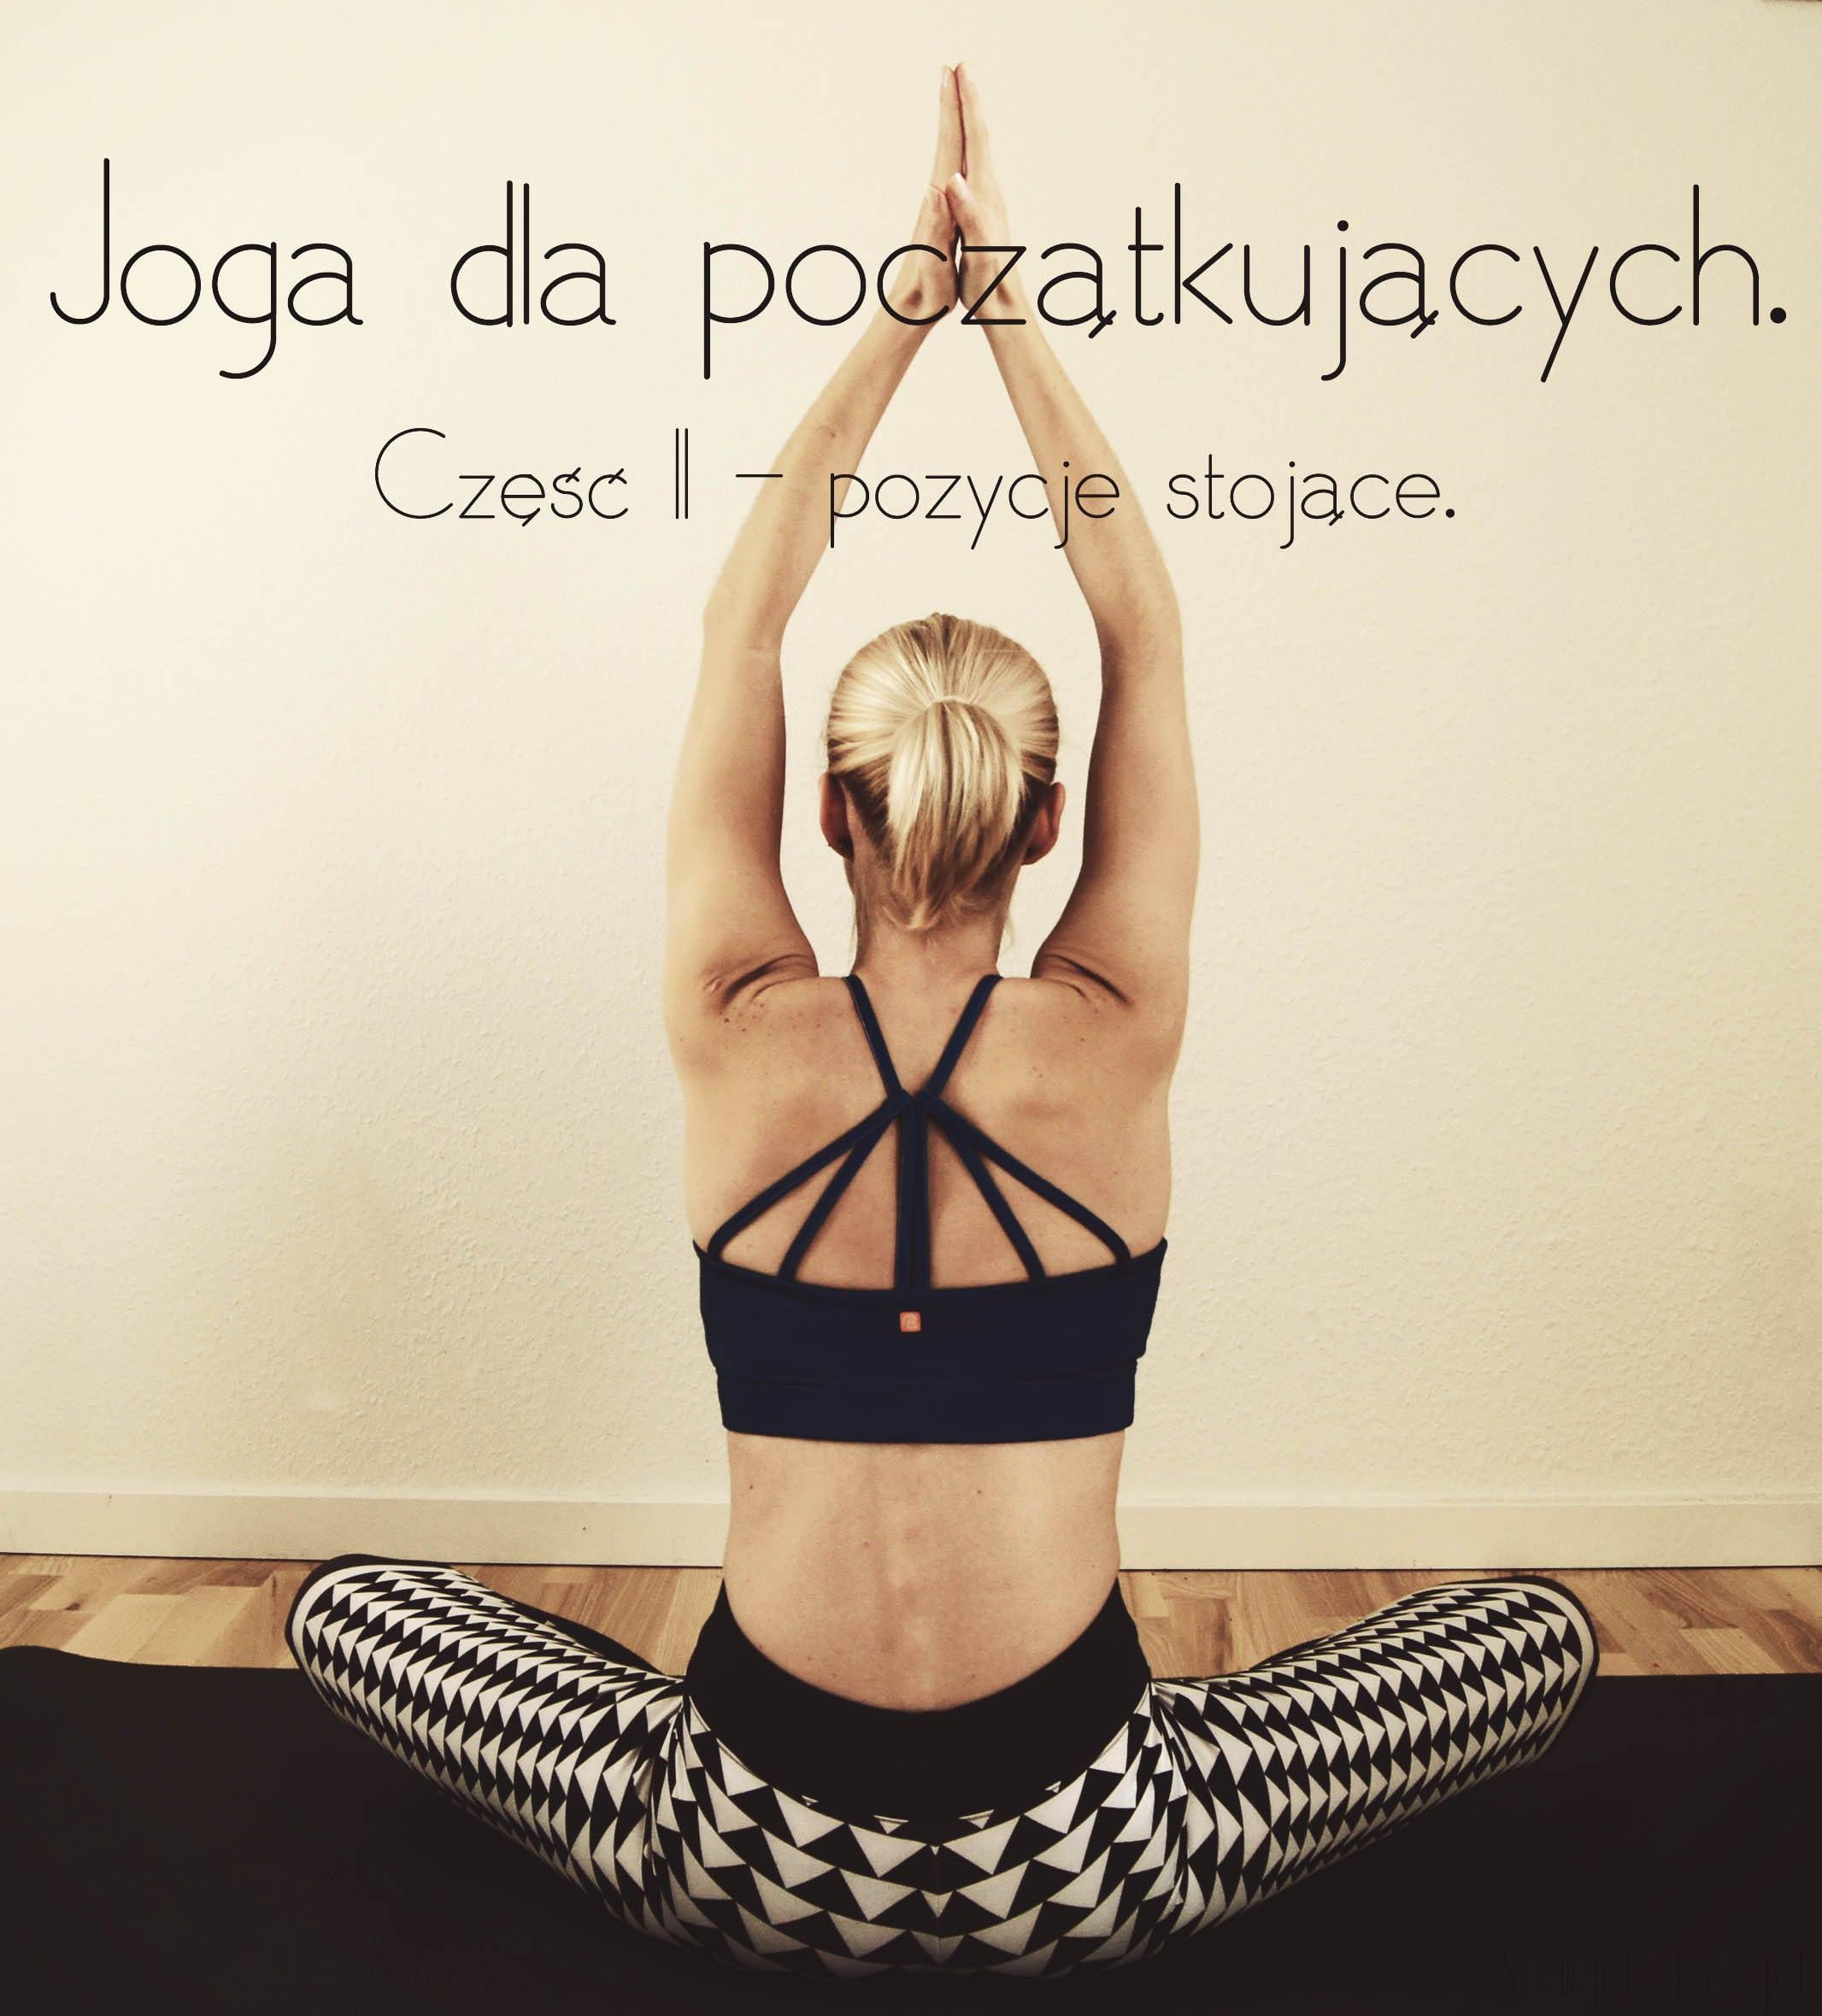 pozycje jogi - zacznij z nami - joga dla początkujących